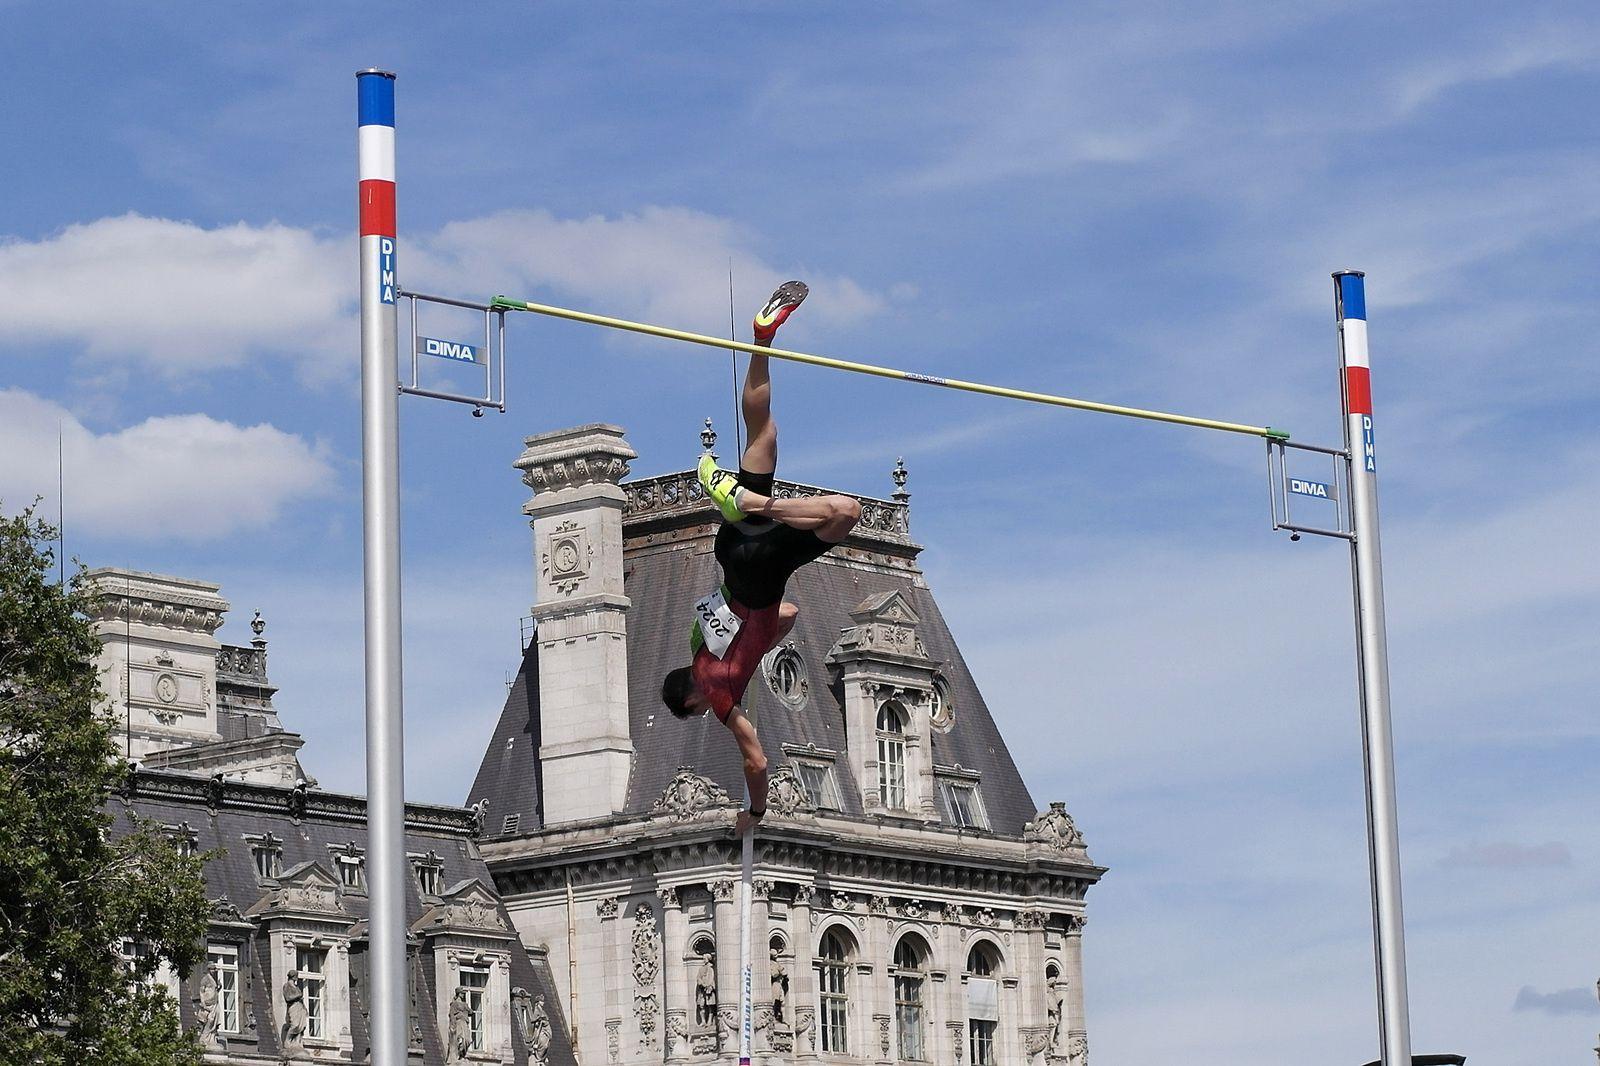 RENAUD LAVILLENIE : exhibition de saut à la perche devant la mairie de Paris (23/06/2018)